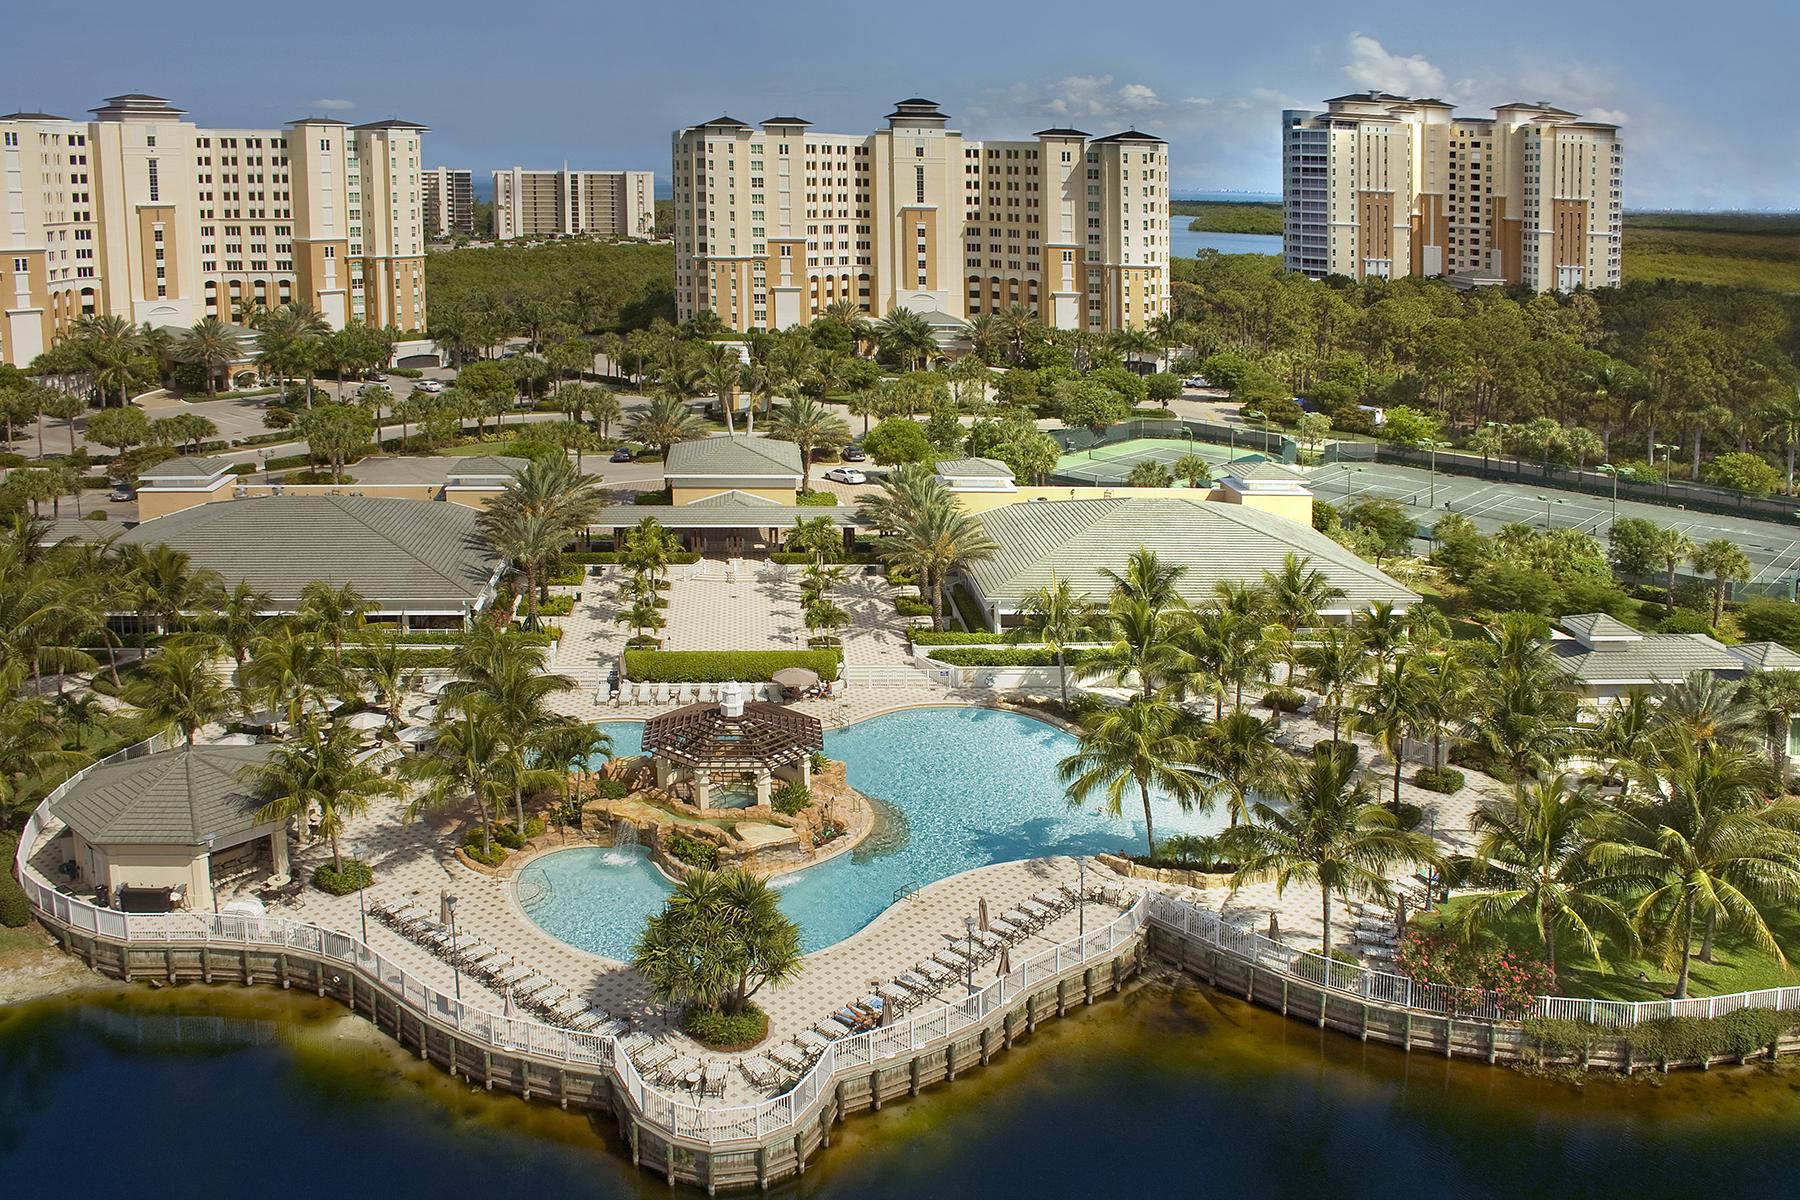 Кооперативная квартира для того Продажа на THE DUNES - ANTIGUA 300 Dunes Blvd 105 Naples, Флорида, 34110 Соединенные Штаты